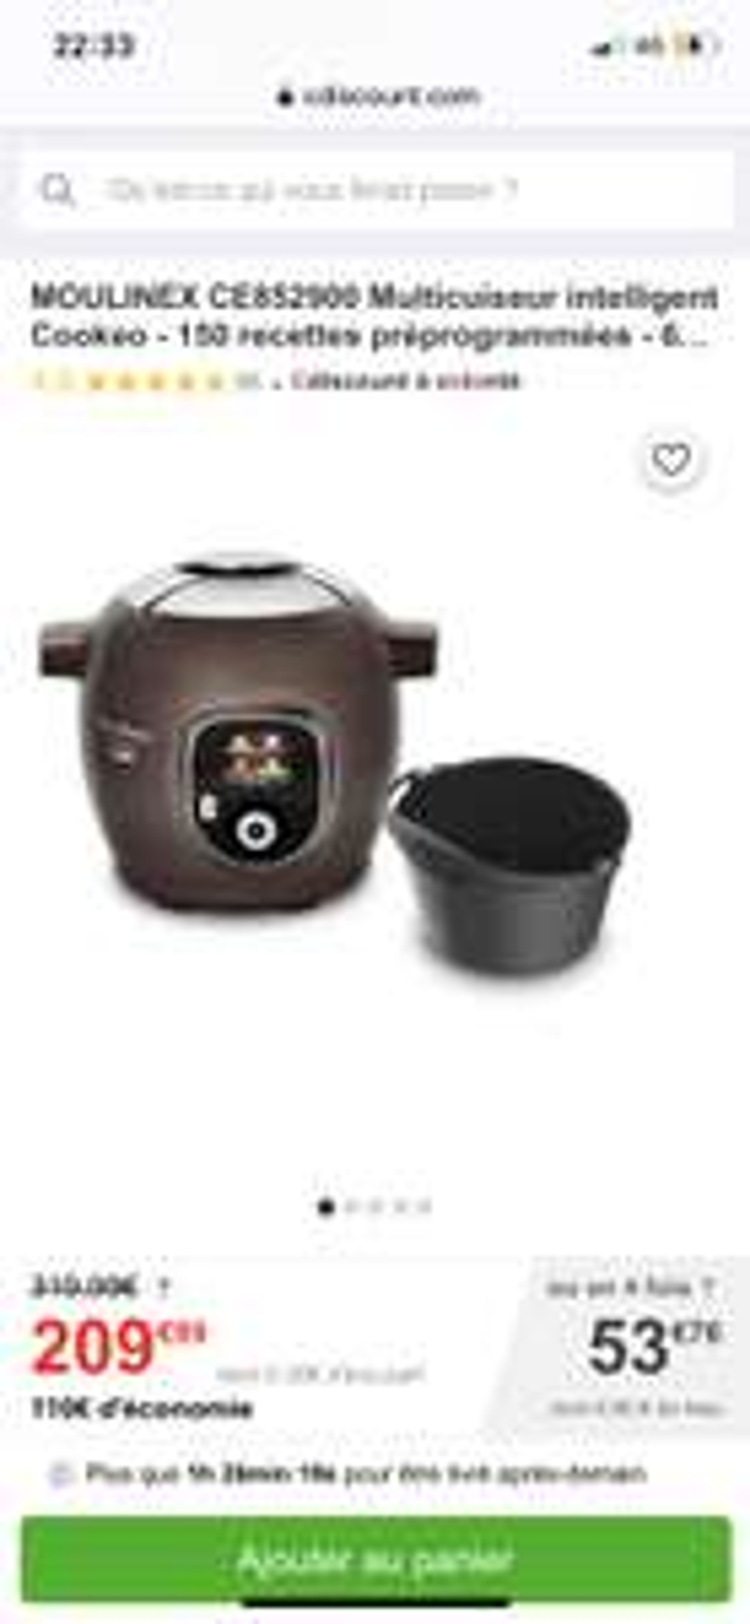 Multicuiseur Moulinex Cookeo+ CE852900 - 150 recettes